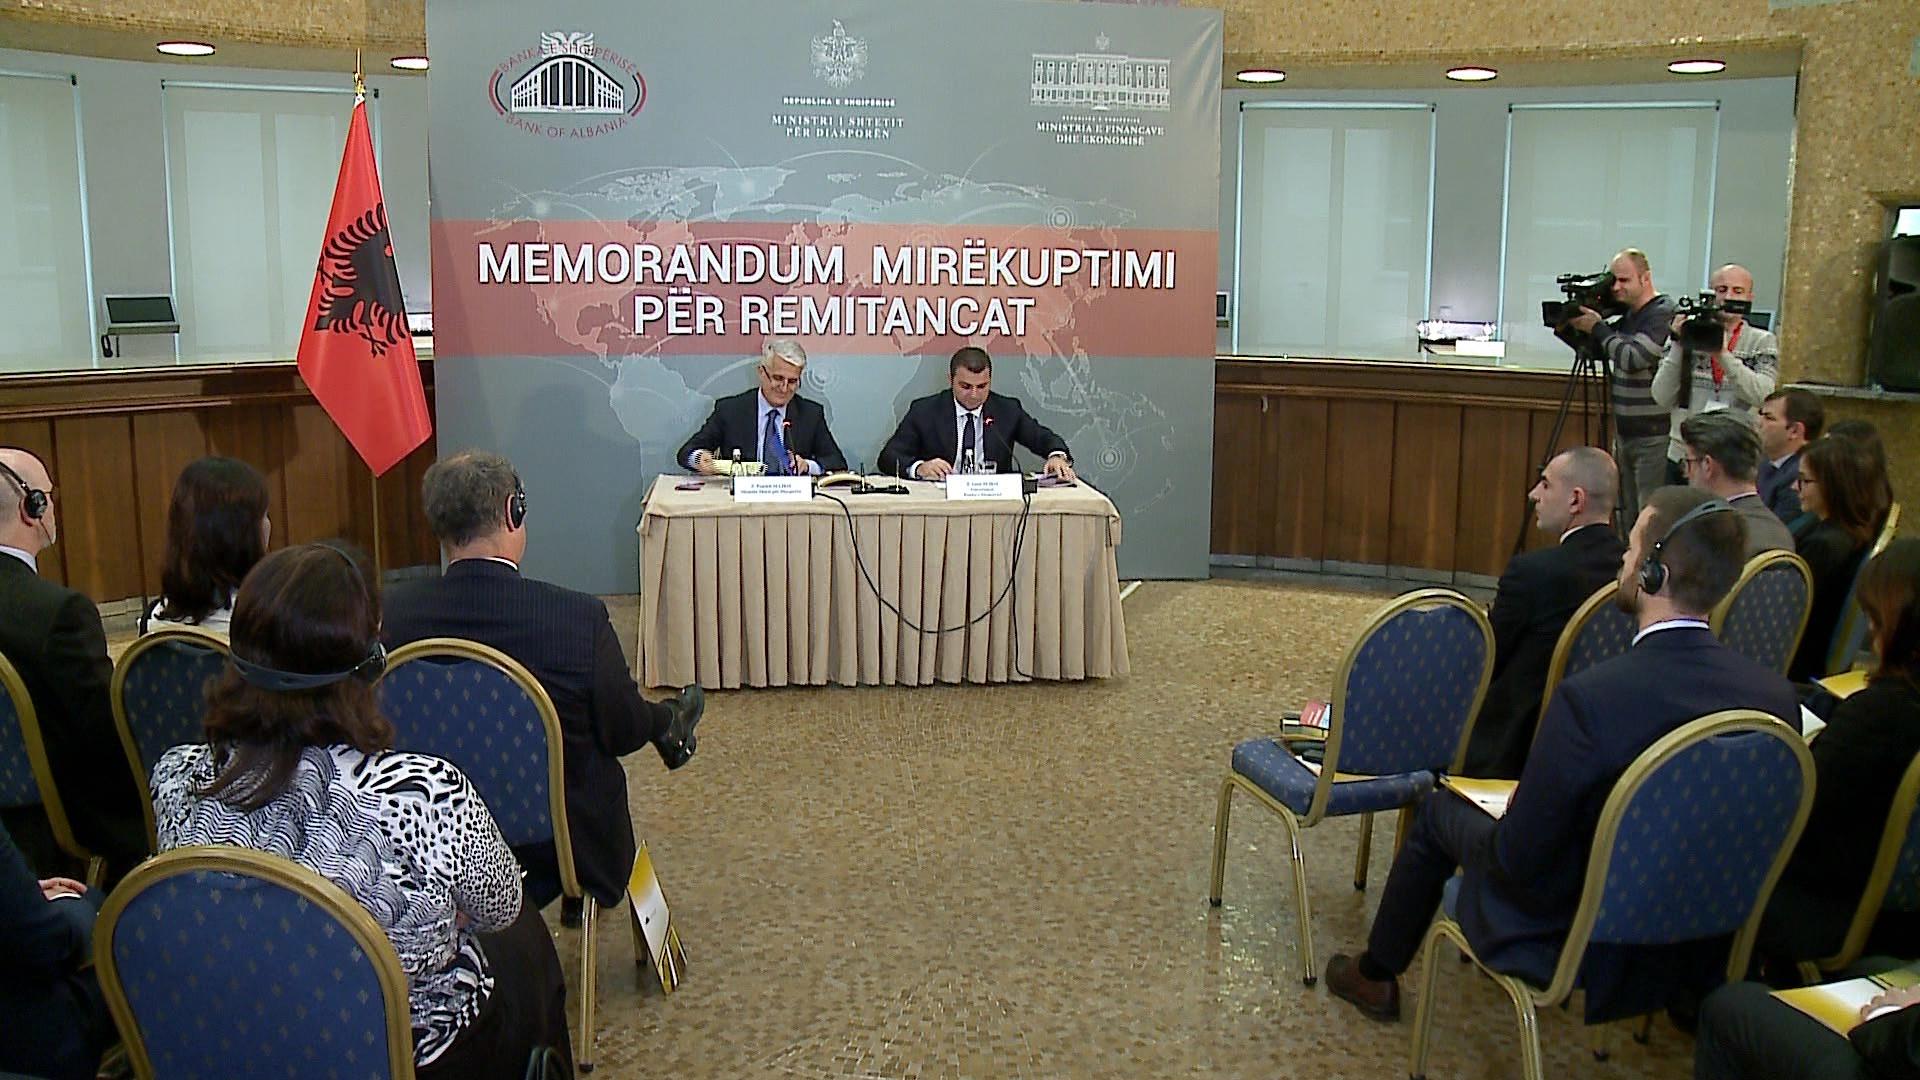 Majko-Sejko memorandum bashkëpunimi: Diaspora të investojë